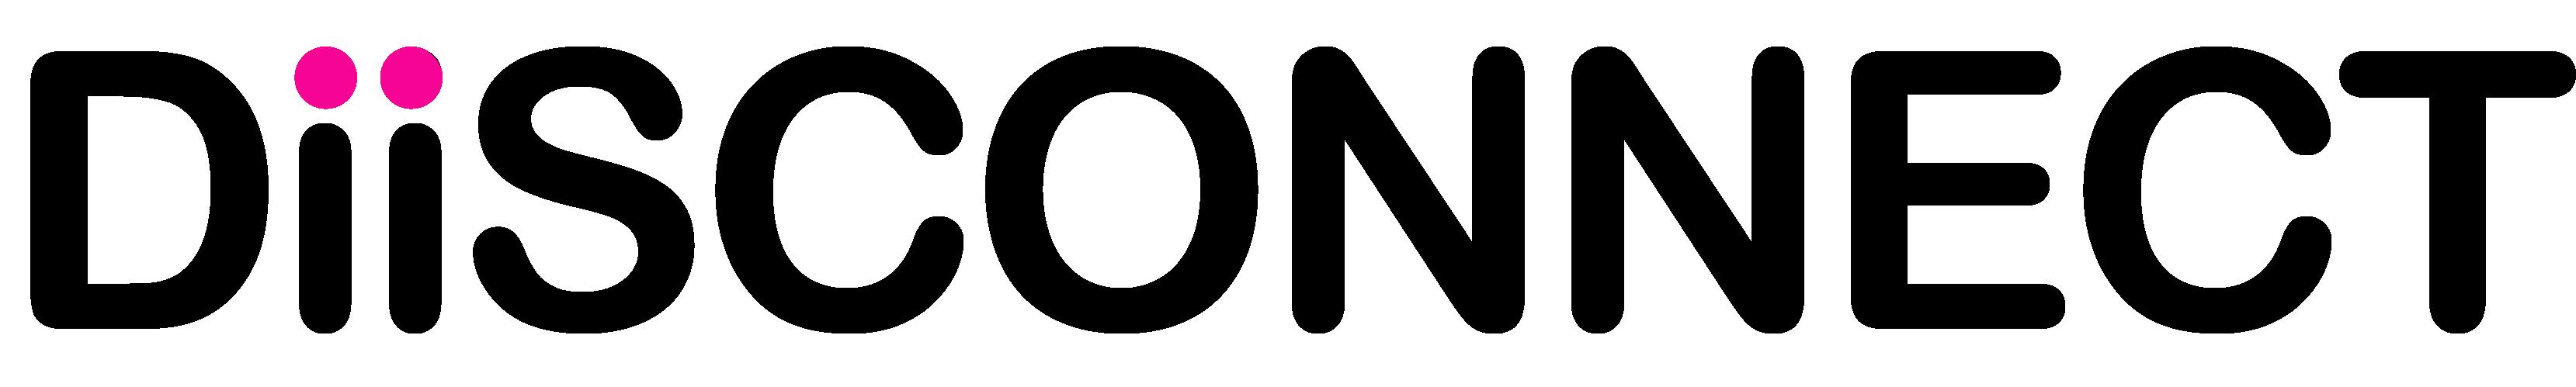 Diisconnect logo